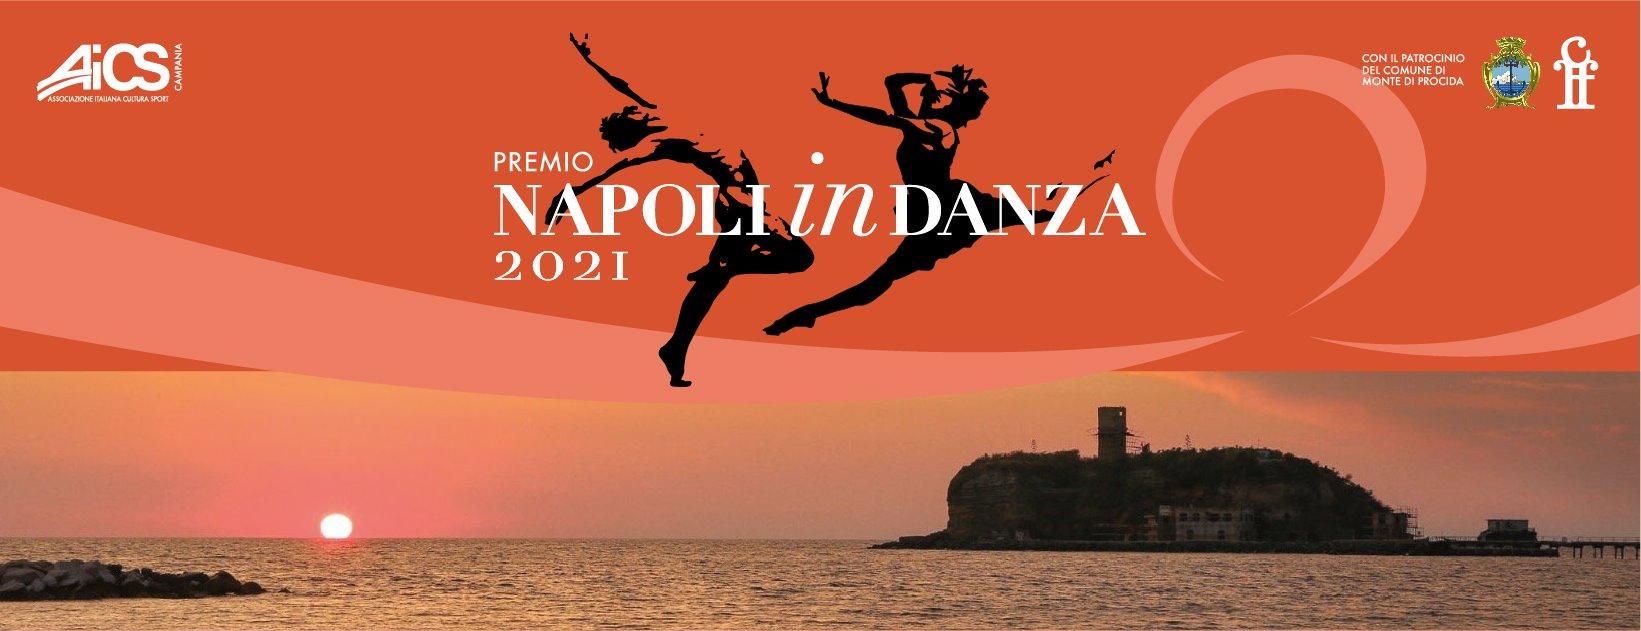 Napoli in Danza